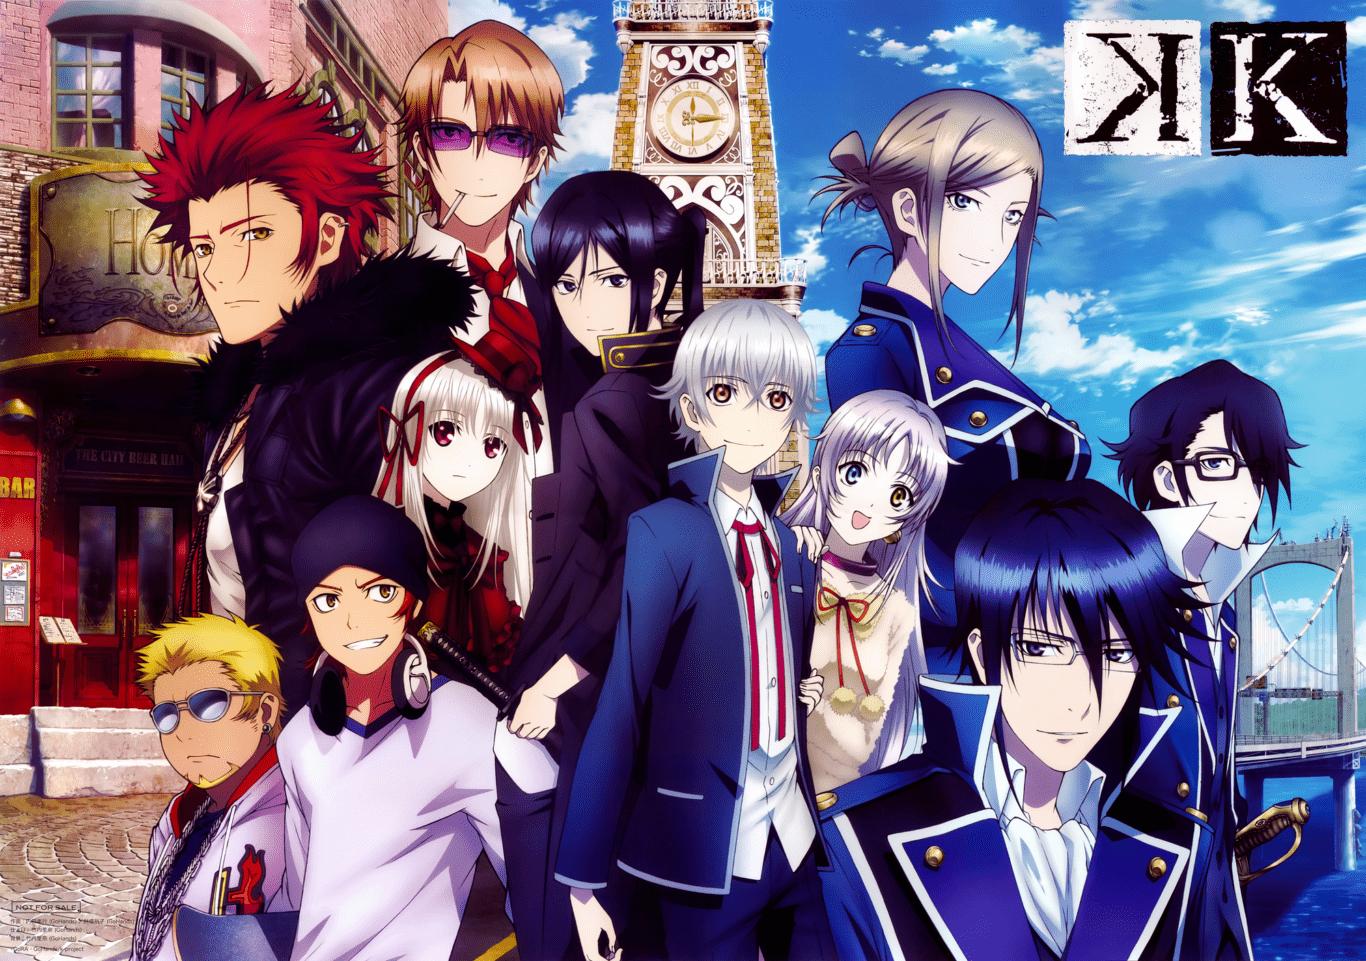 K Project: argumento, managa, anime, personajes y mucho más